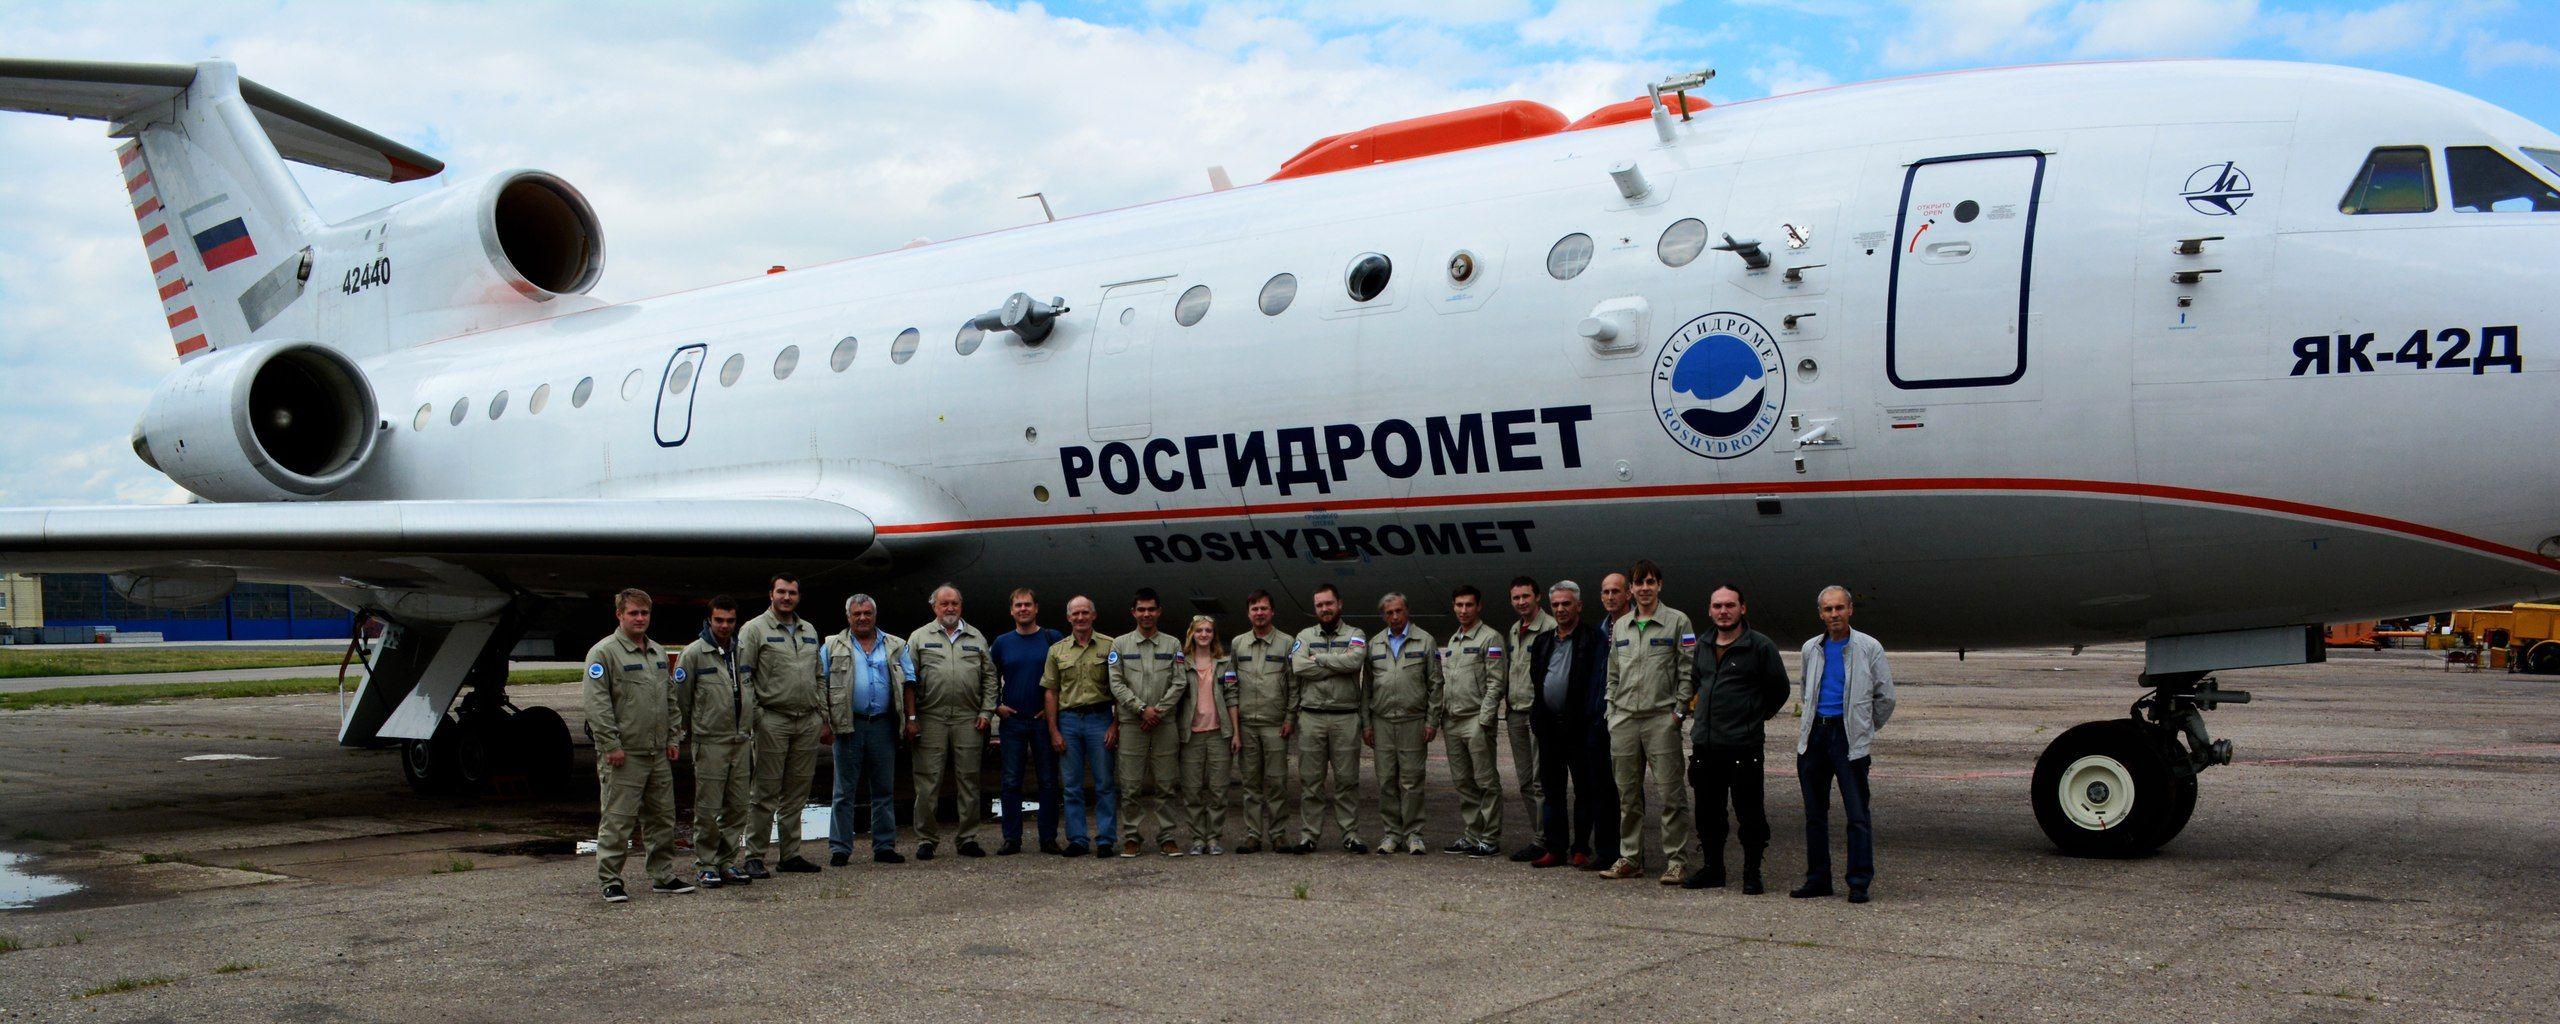 Як-42 с экипажем